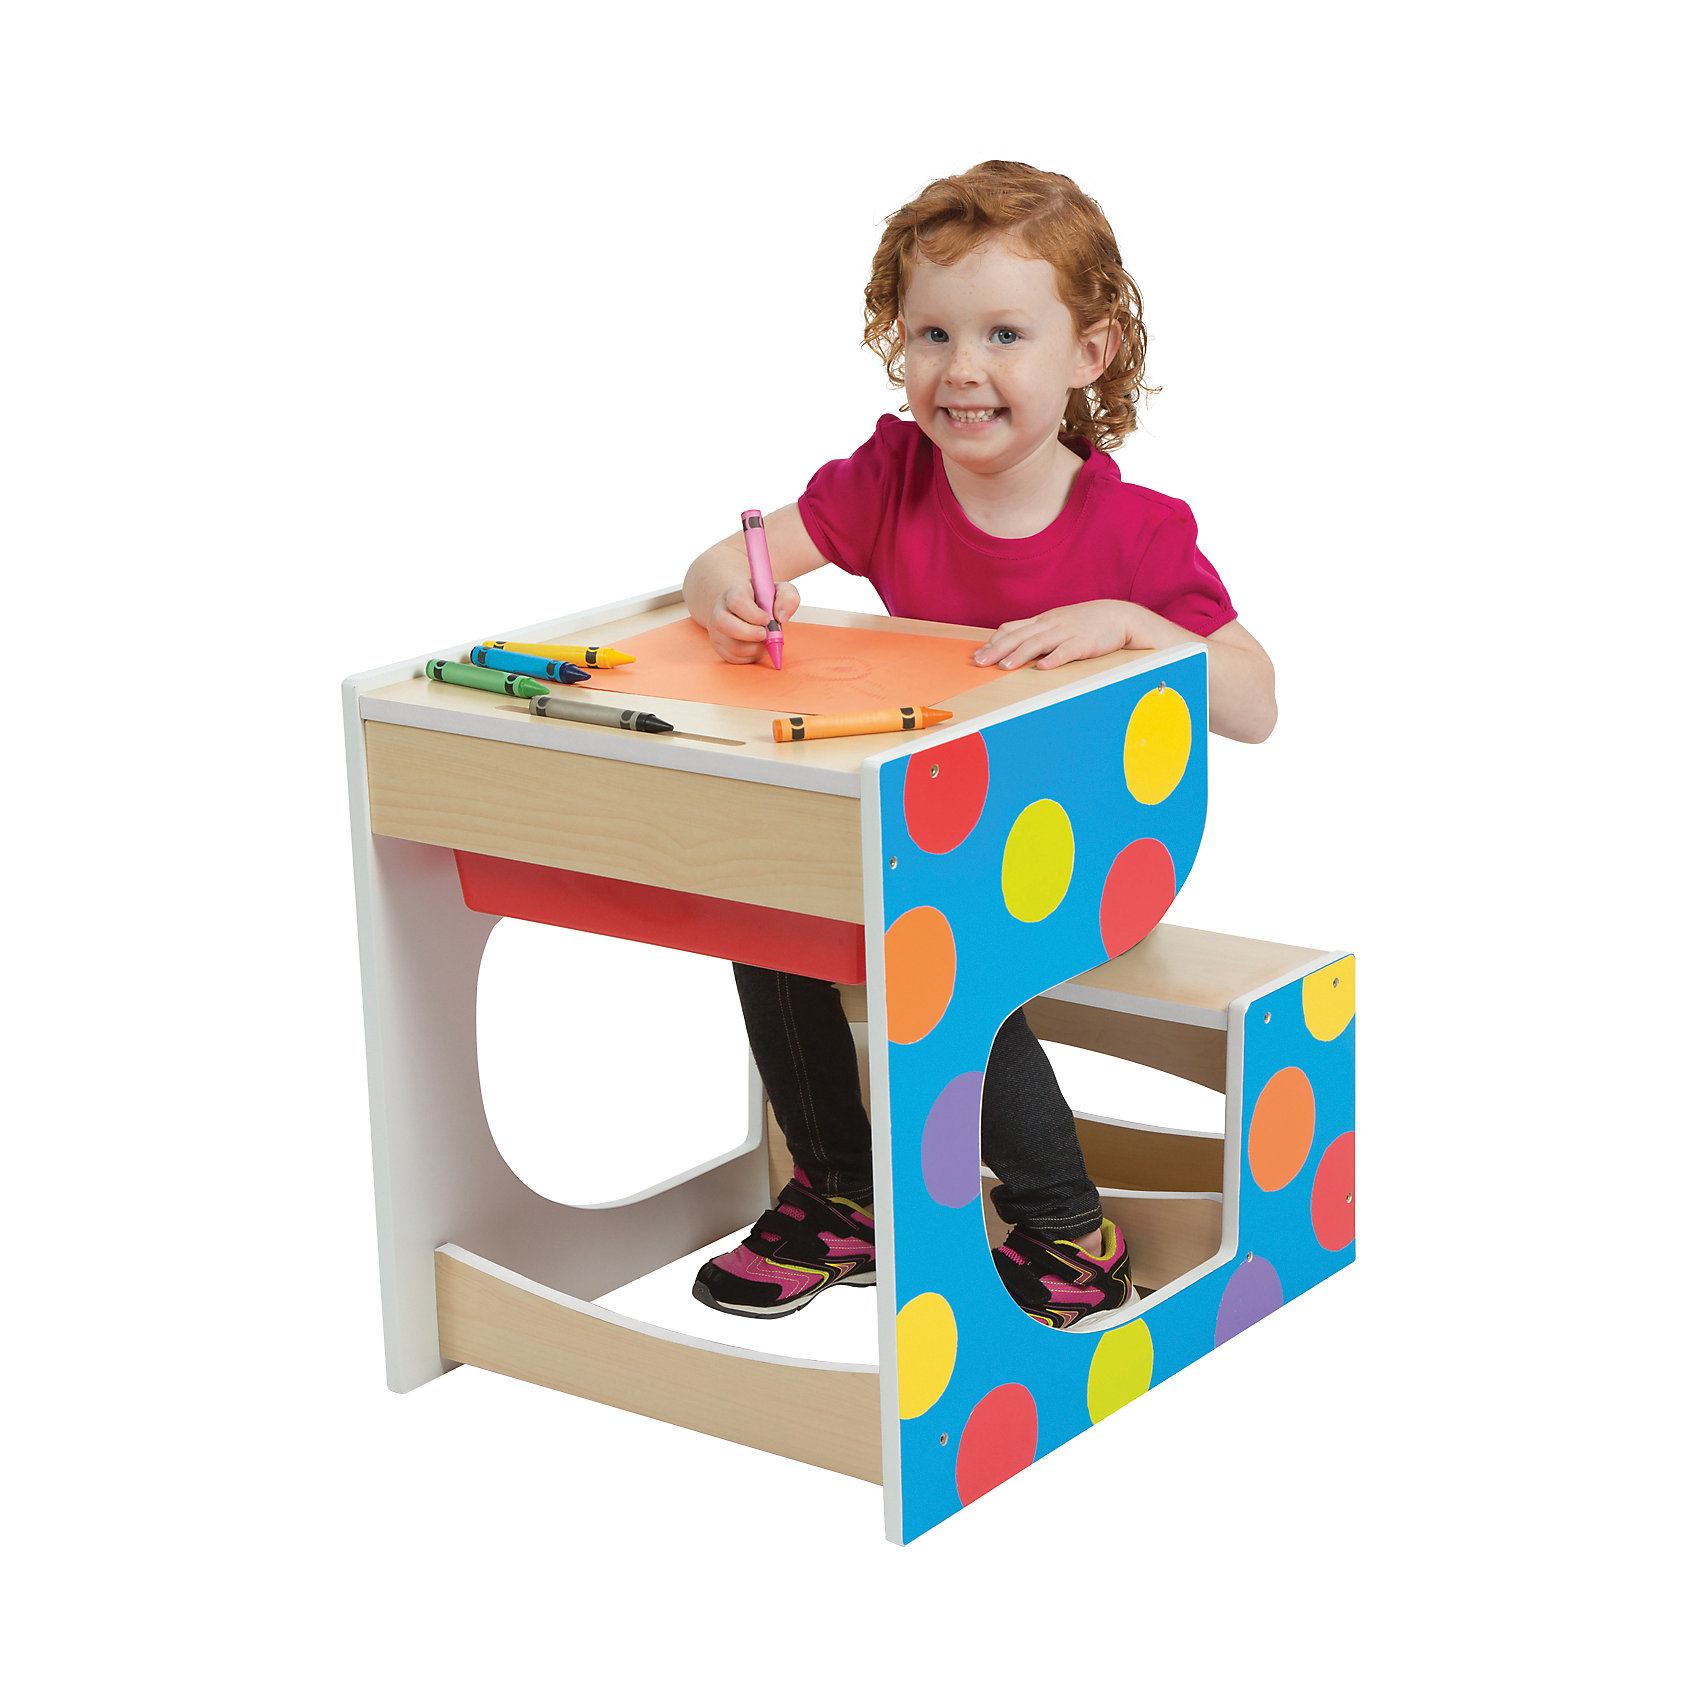 Стол-парта со скамейкой, ALEXМебель<br>Стол-парта со скамейкой, ALEX – дополнит интерьер детской комнаты и прекрасно подойдет для занятий и игр.<br>Деревянная стол-парта со скамейкой от ALEX (АЛЕКС) — это отличная возможность организовать для ребенка пространство для игр и первых занятий. За этим столом можно рисовать, раскрашивать, собирать конструктор или делать первые шаги на учебном поприще. На поверхности стола можно рисовать мелом. В столе есть вместительный пластиковый ящик для хранения необходимых художественных и учебных принадлежностей. Эргономичный дизайн стола-парты и яркое оформление делают его прекрасным дополнением интерьера детской комнаты. Изделие изготовлено из высококачественных материалов.<br><br>Дополнительная информация:<br><br>- Размер стола-парты: 52х48х61 см.<br>- Материал: древесина, пластик<br>- Размеры упаковки: 138,4х12,1х75,6 см.<br>- Вес: 26 кг.<br><br>Стол-парту со скамейкой, ALEX (АЛЕКС) можно купить в нашем интернет-магазине.<br><br>Ширина мм: 1384<br>Глубина мм: 121<br>Высота мм: 756<br>Вес г: 26082<br>Возраст от месяцев: 36<br>Возраст до месяцев: 72<br>Пол: Унисекс<br>Возраст: Детский<br>SKU: 4556958